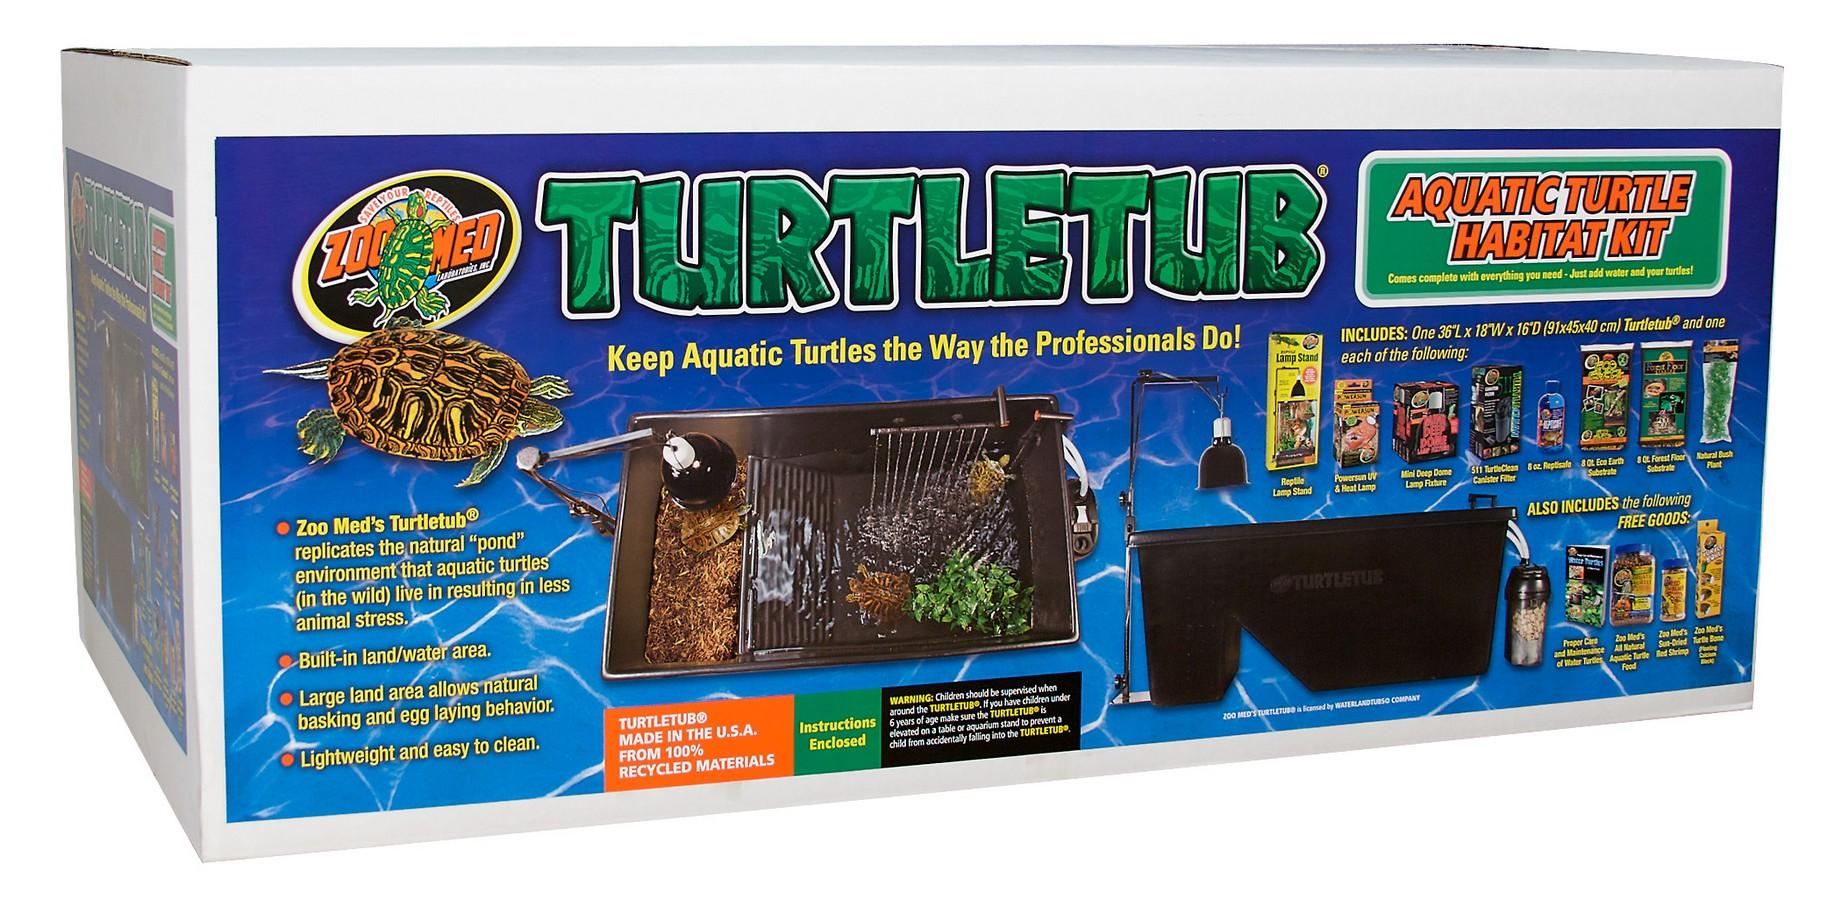 turtletub kit zoo med laboratories inc